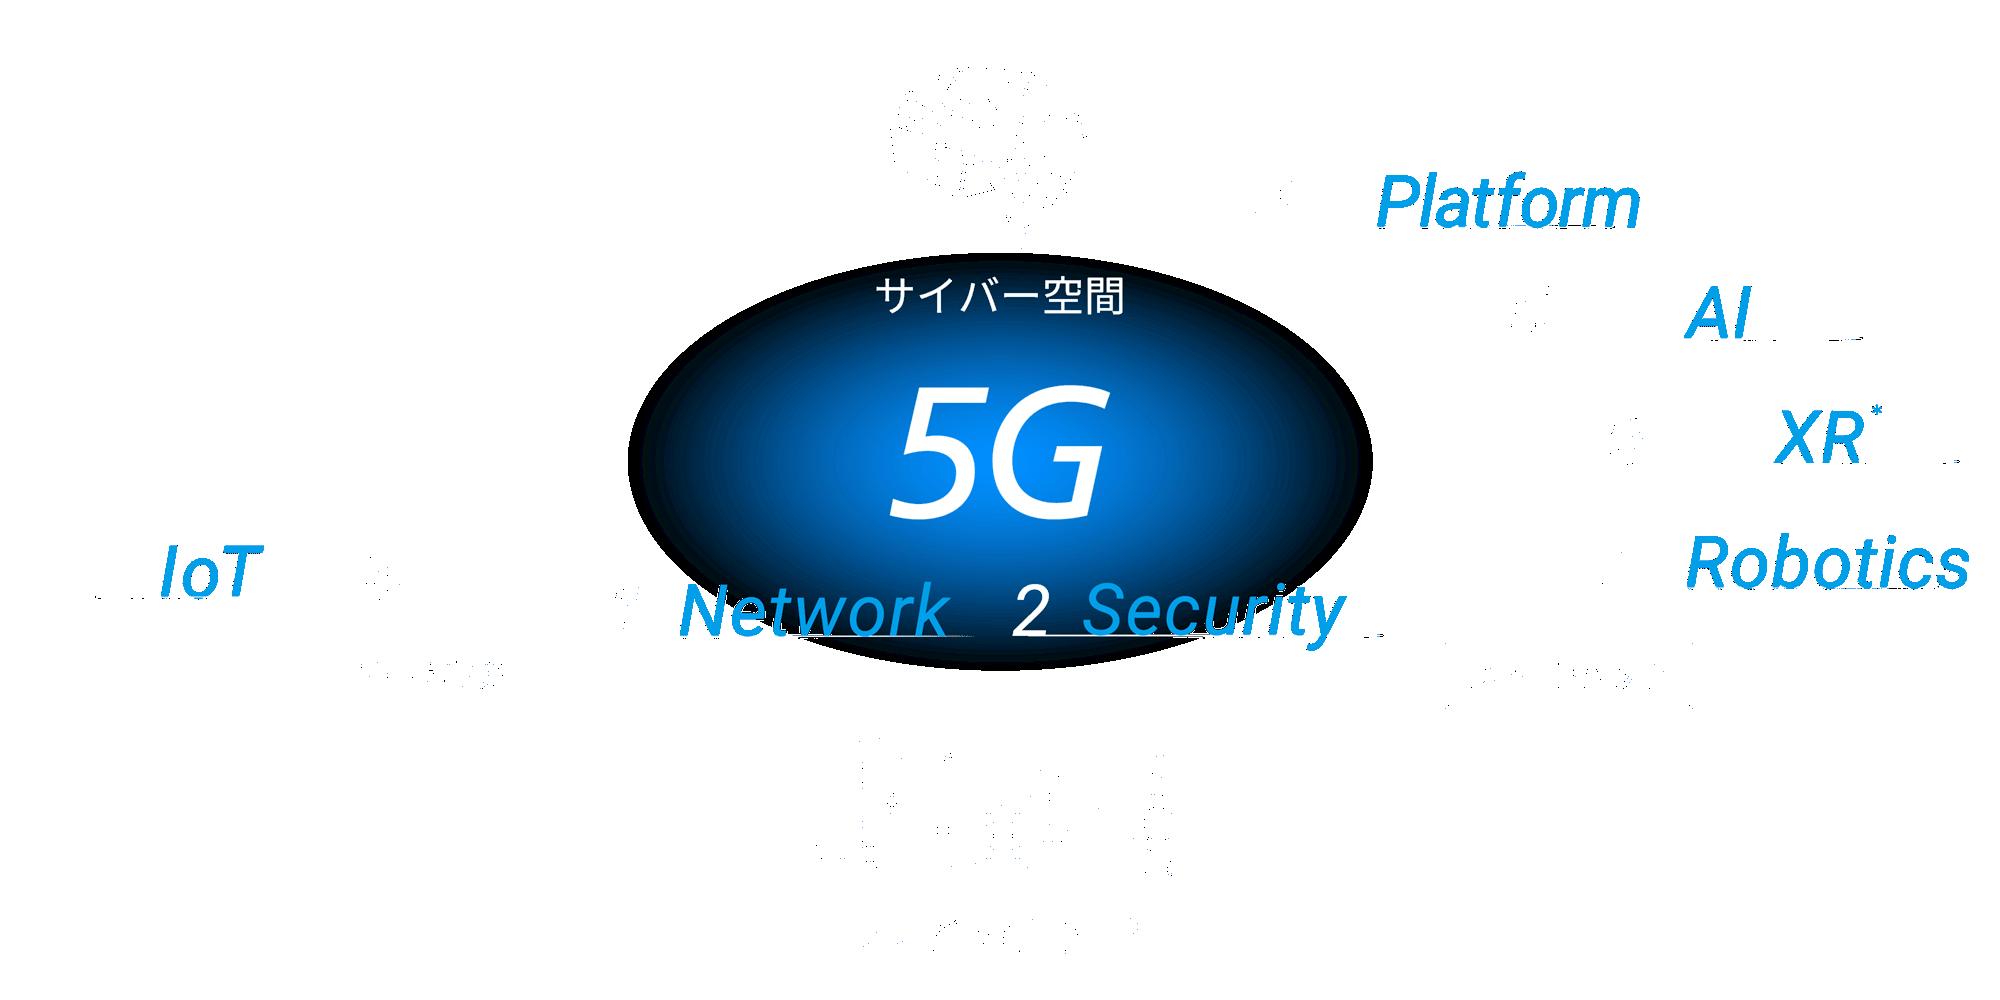 7つの分野のテクノロジーとオーケストレーション 1.Network 2.Security 3.IoT データ(収集)→ サイバー空間 データ分析・学習・予測 → 4.Platform 5.AI 6.XR* 7.Robotics